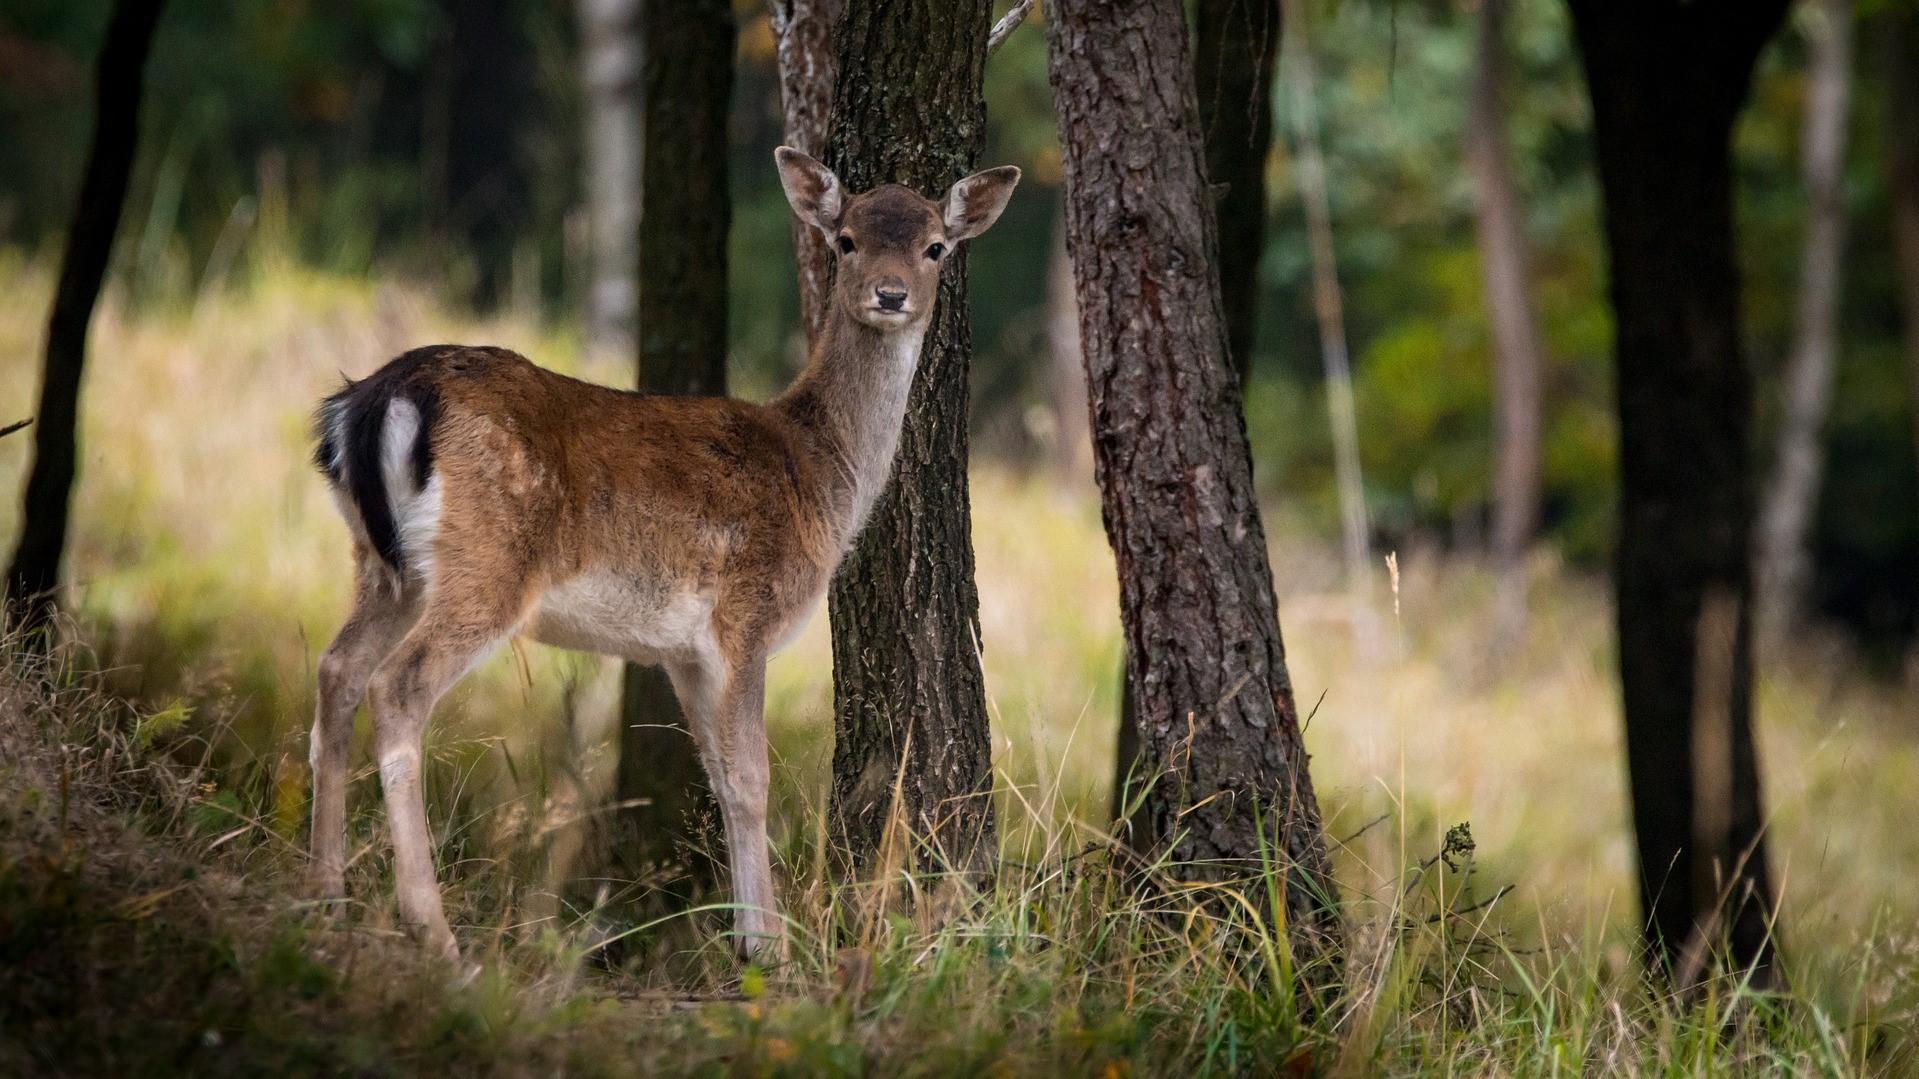 鹿肉を食べよう! 食事の時間は社会問題に向き合えるタイミング。